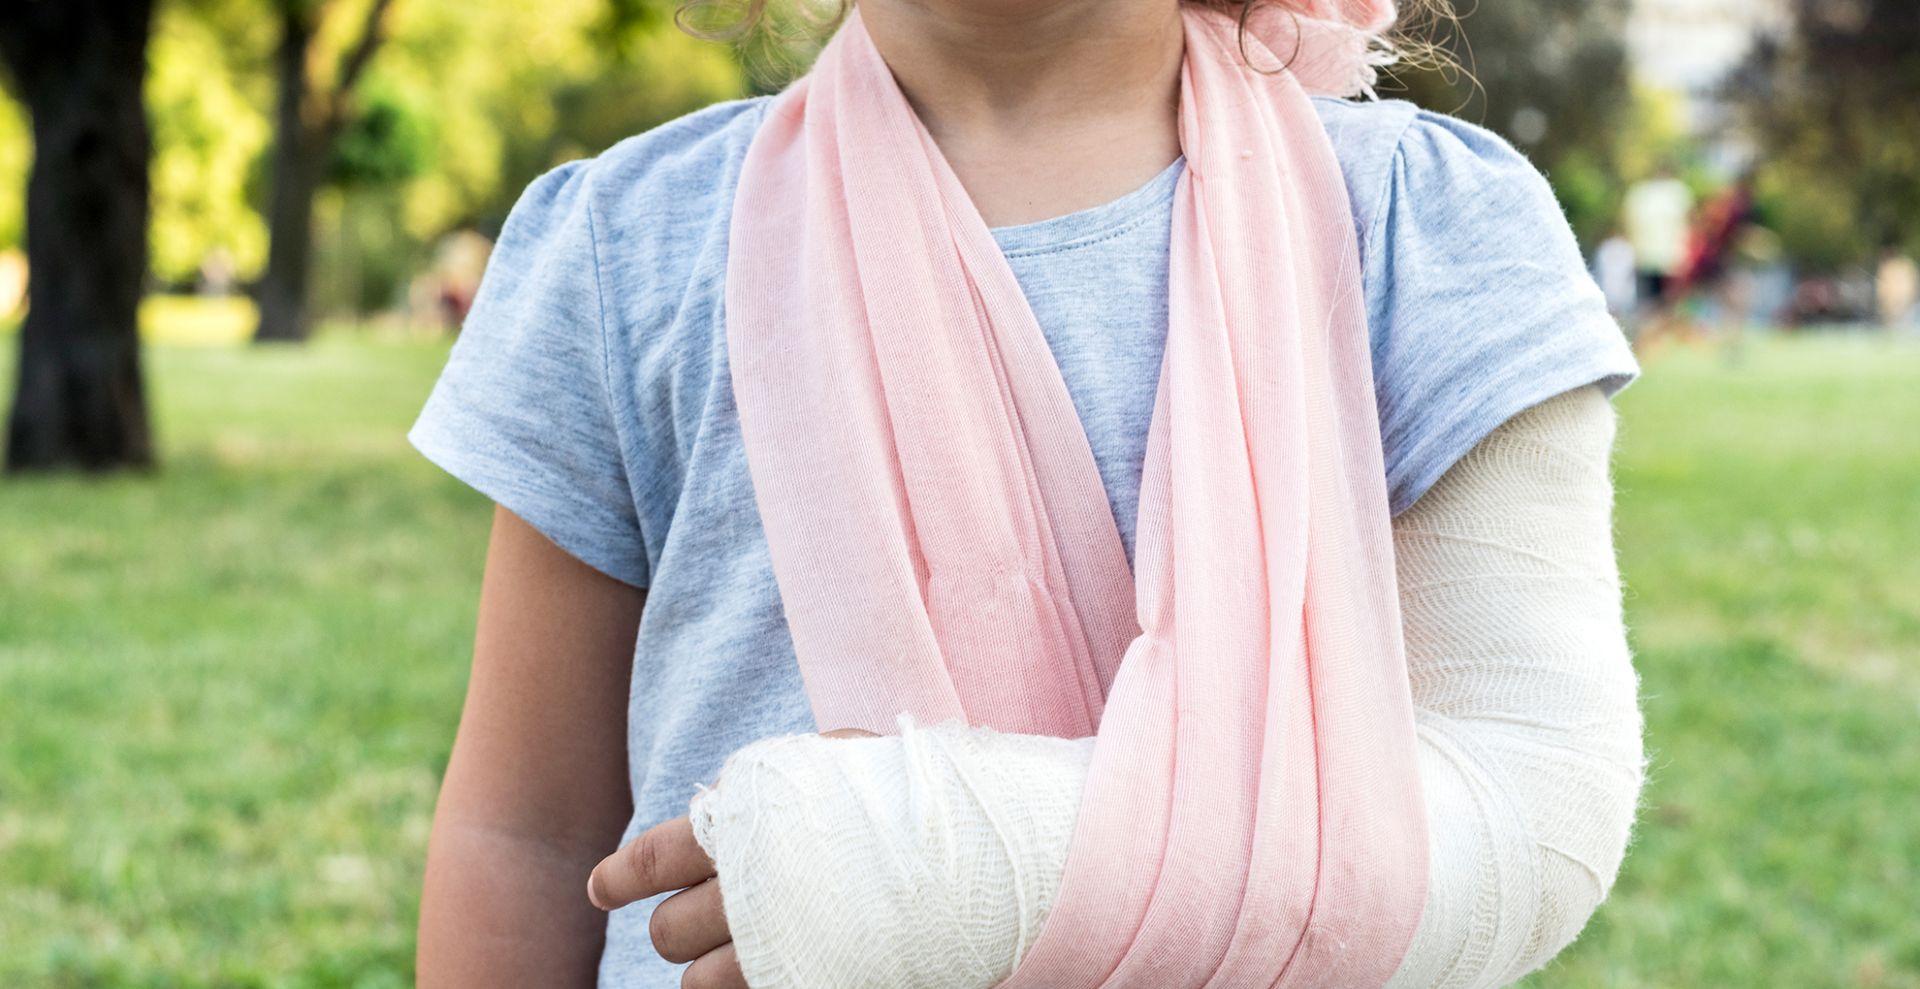 lapsella on vaaleanpunainen kantoside ja kipsi kädessä